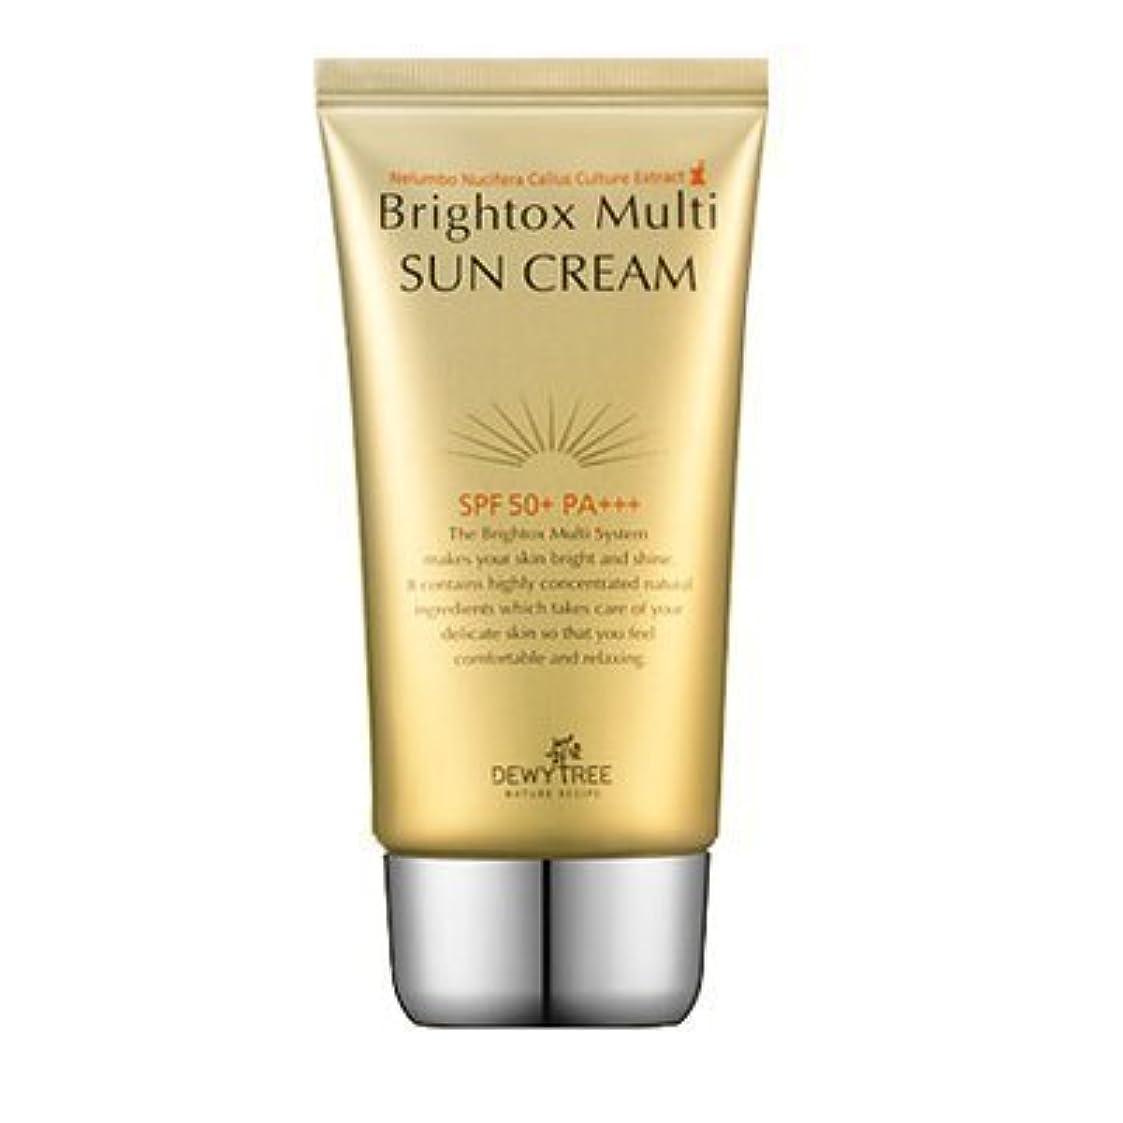 泥棒ダウンつらいDewytree Brightox Multi SUN CREAM SPF50+, PA+++50ml